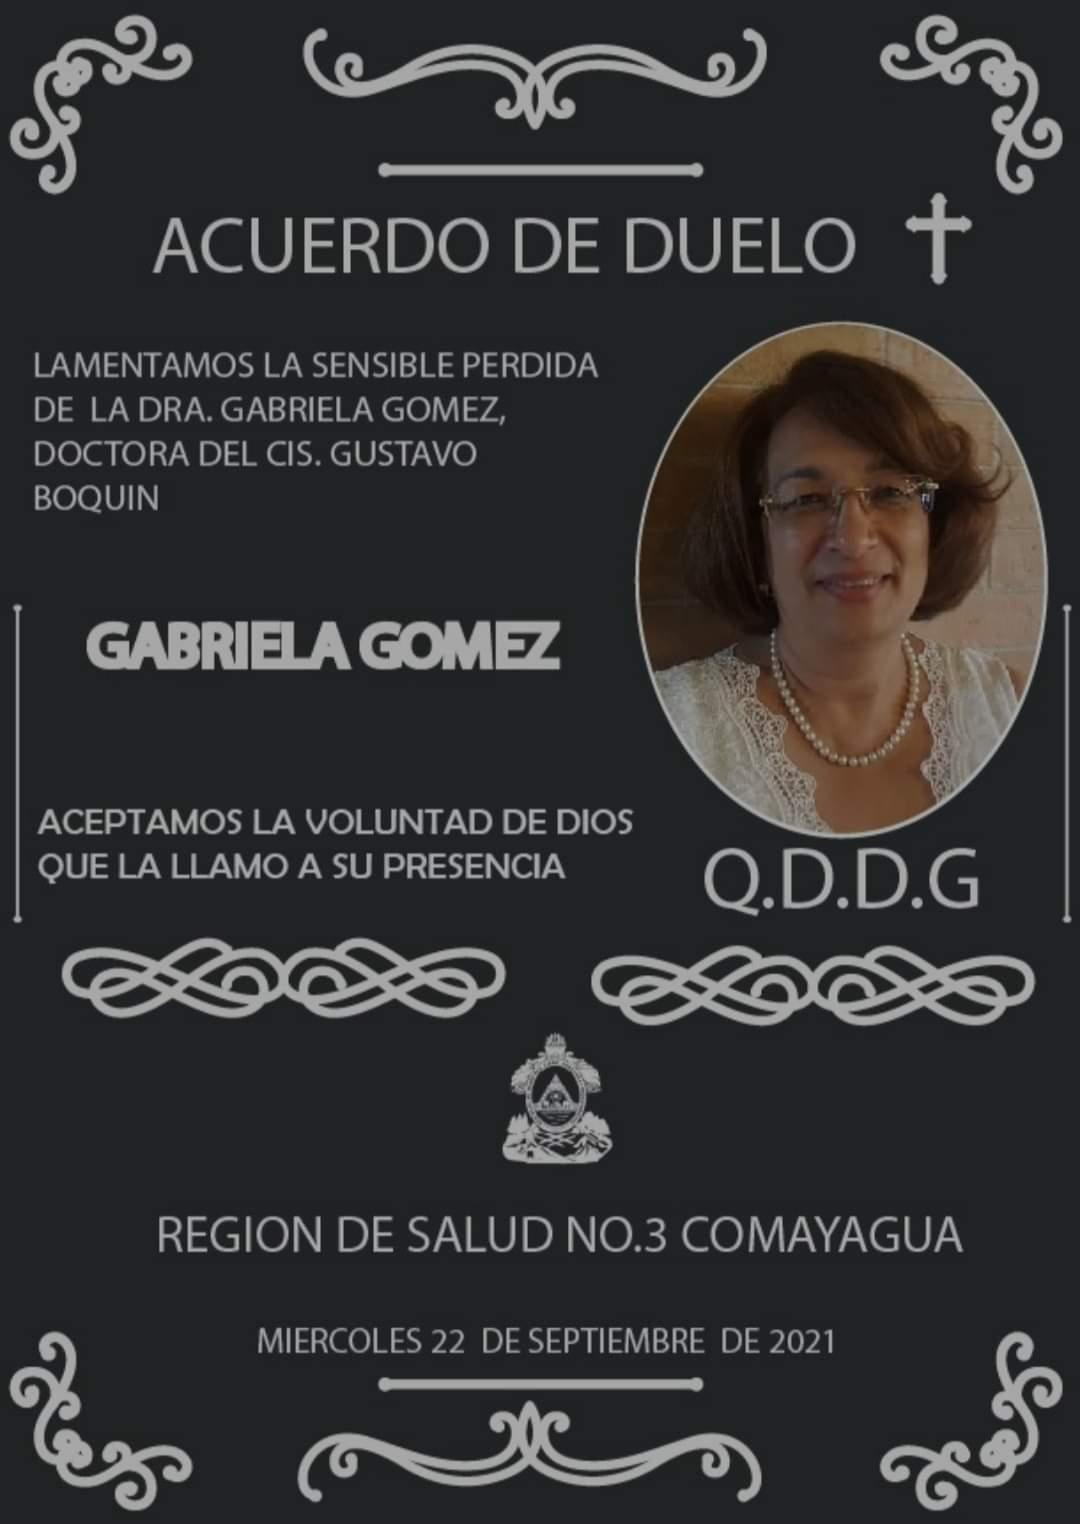 Acuerdo de duelo publicado por el centro de triaje y estabilización de Siguatepeque.